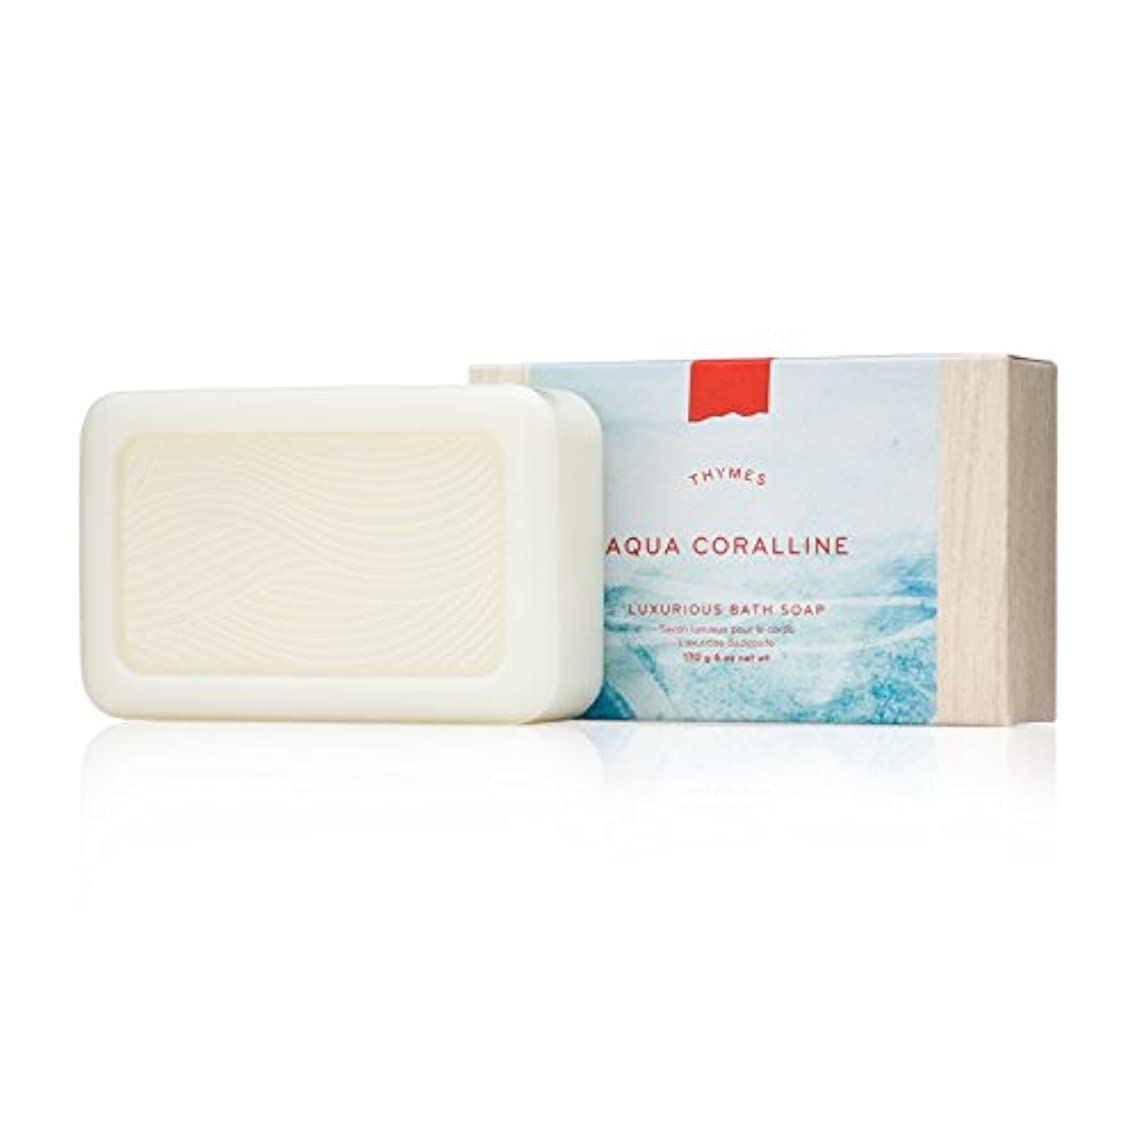 タイムズ Aqua Coralline Luxurious Bath Soap 170g/6oz並行輸入品